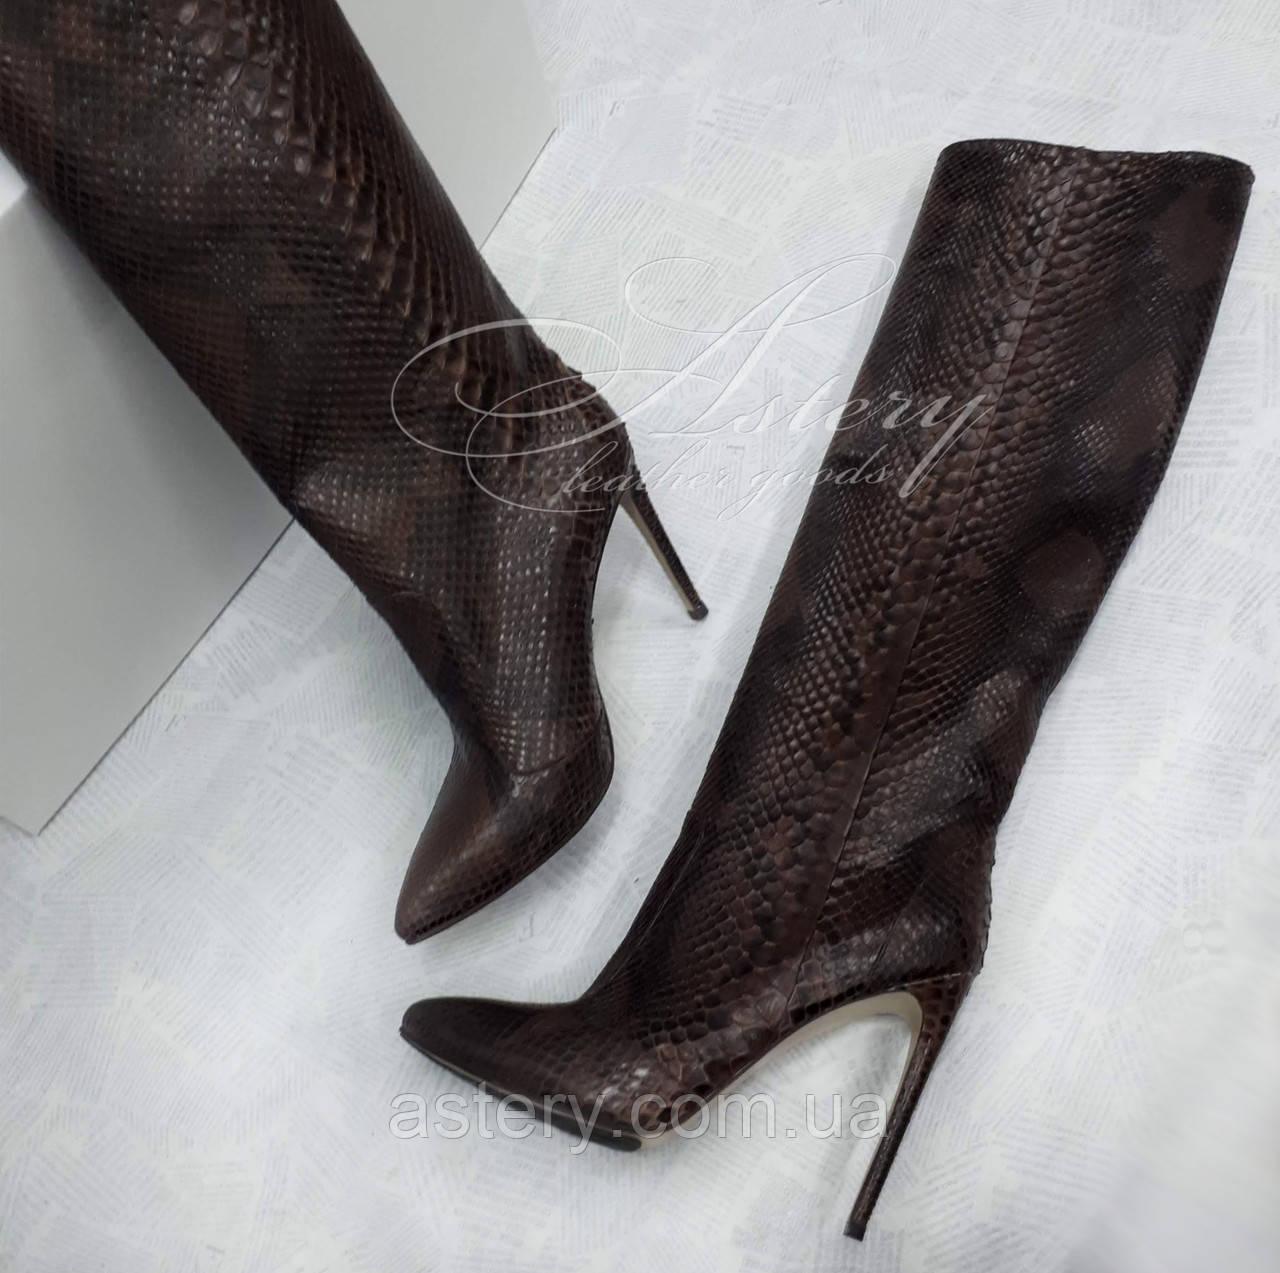 Жіночі коричневі чоботи з пітона на шпильці